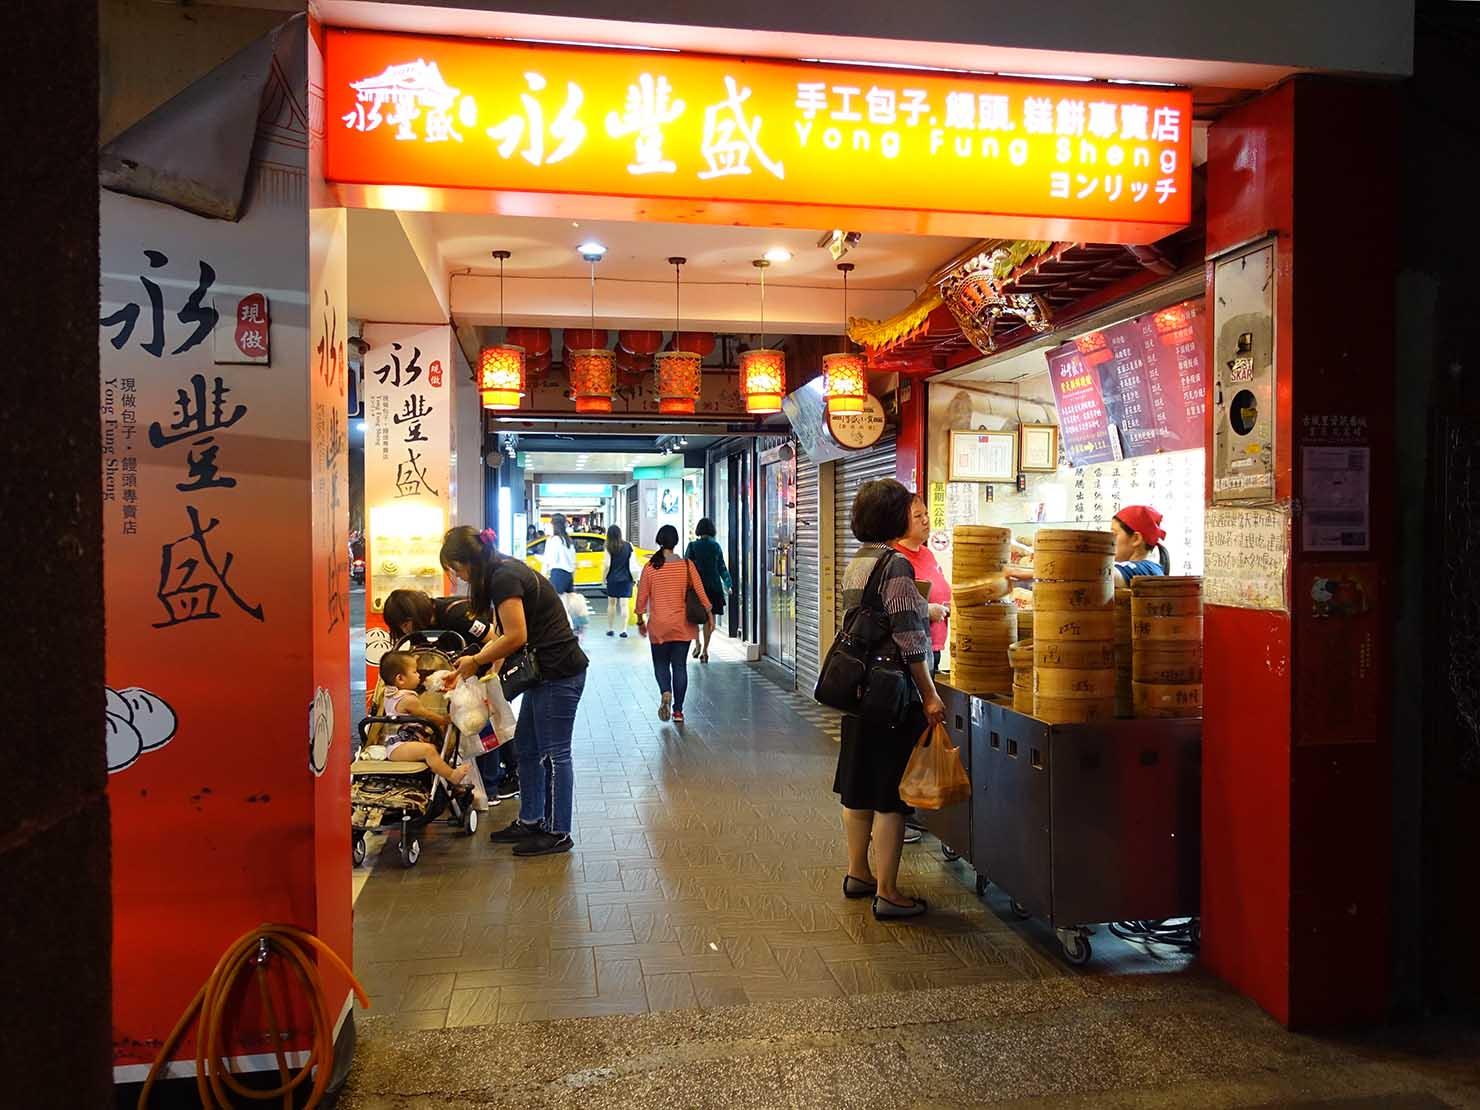 台北・師大夜市のおすすめ台湾グルメ店「永豐盛 手工包子饅頭專賣店」の外観